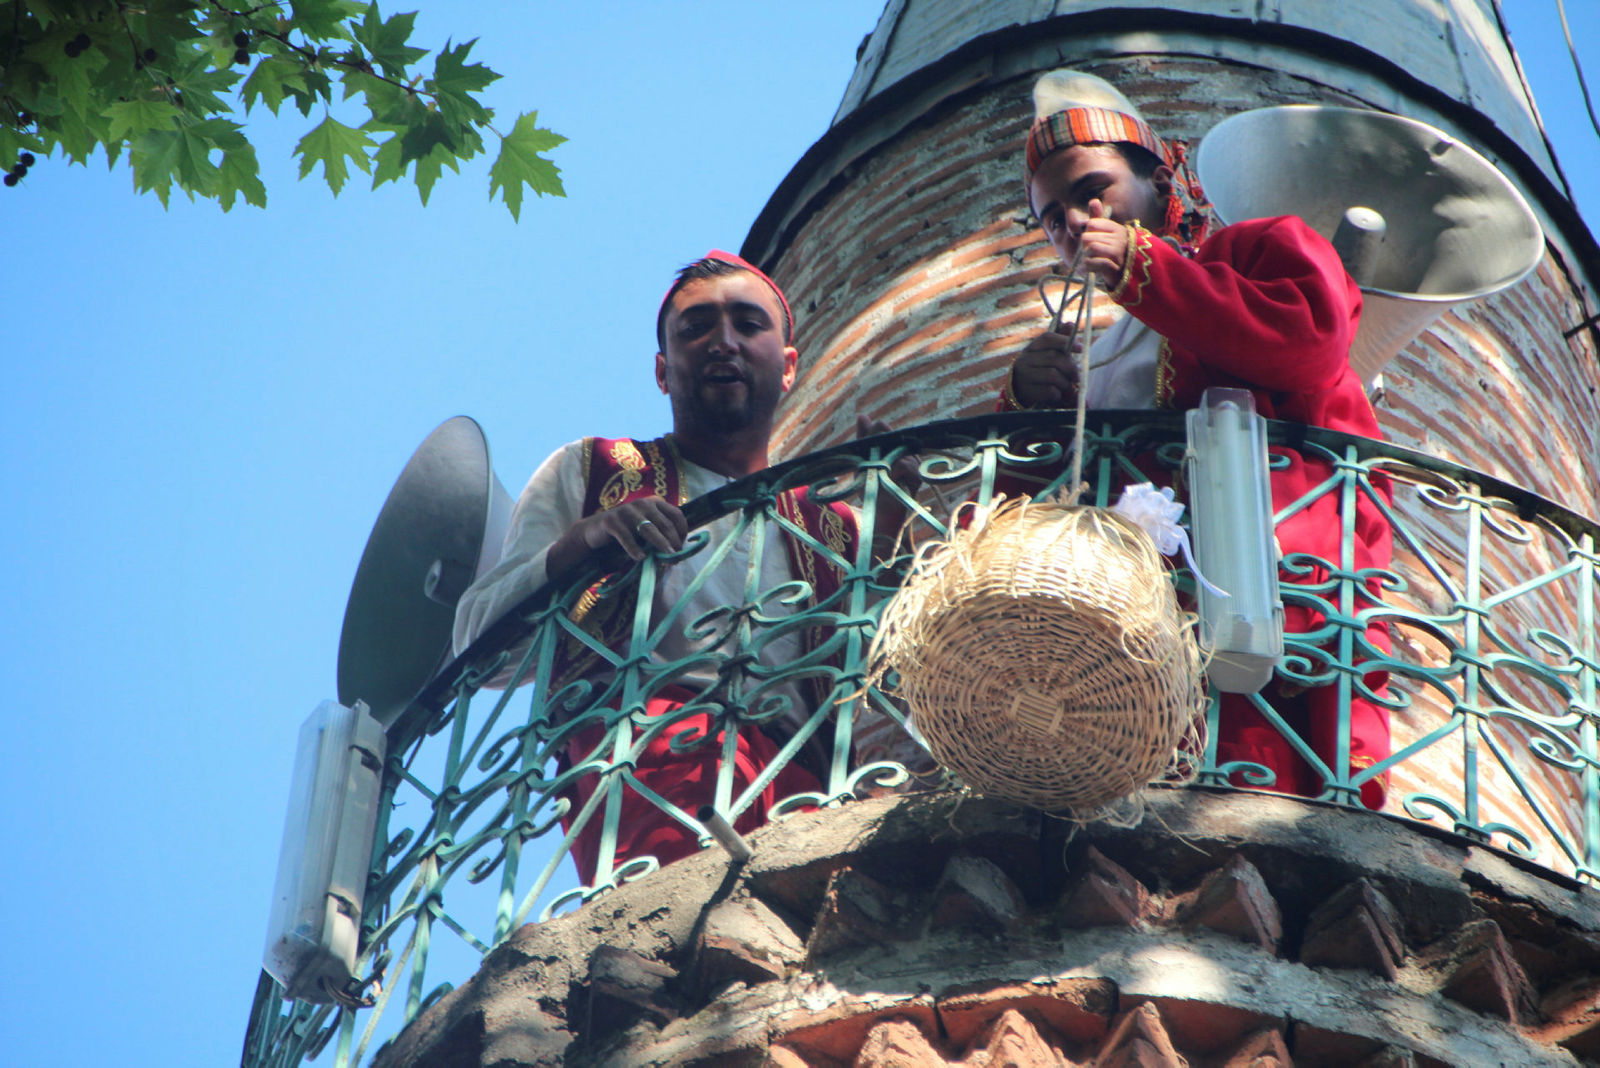 Osmanlı'dan gelen minare şerefesinden sepetle şeker sarkıtma geleneği sürüyor